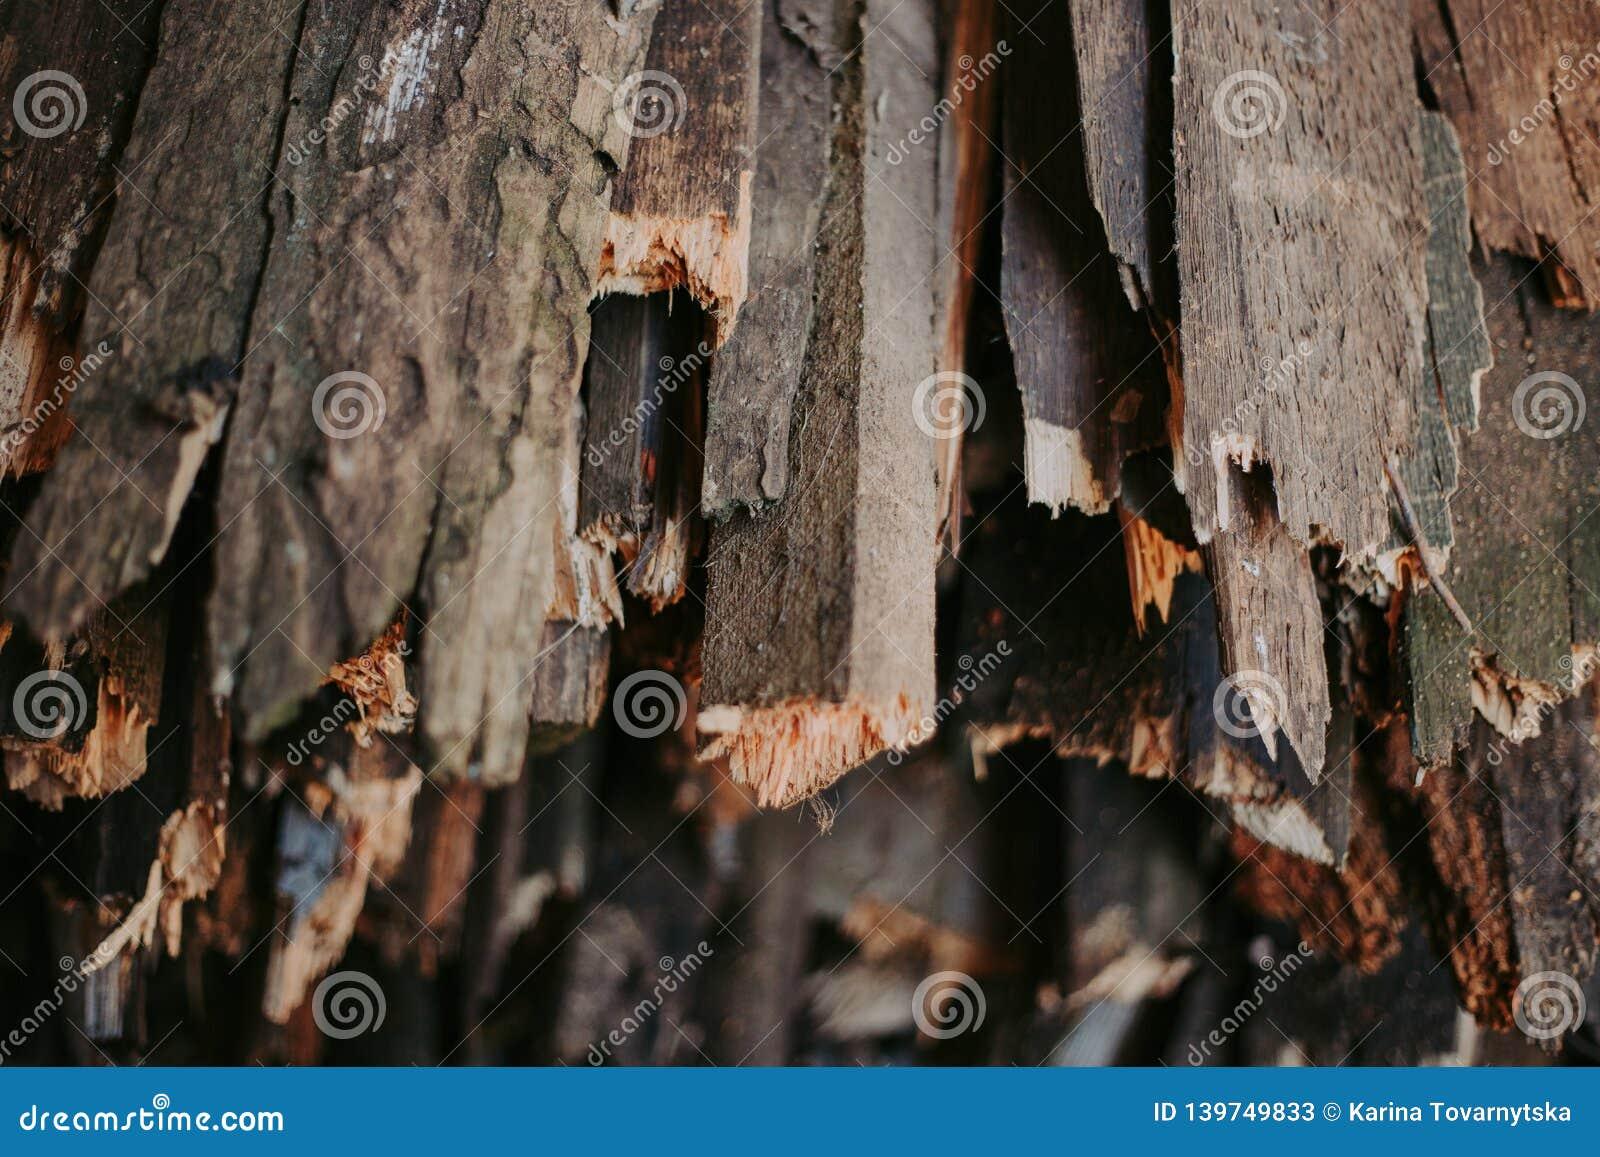 Leña, para el fuego, apilada en una pila plana Leña de la pared